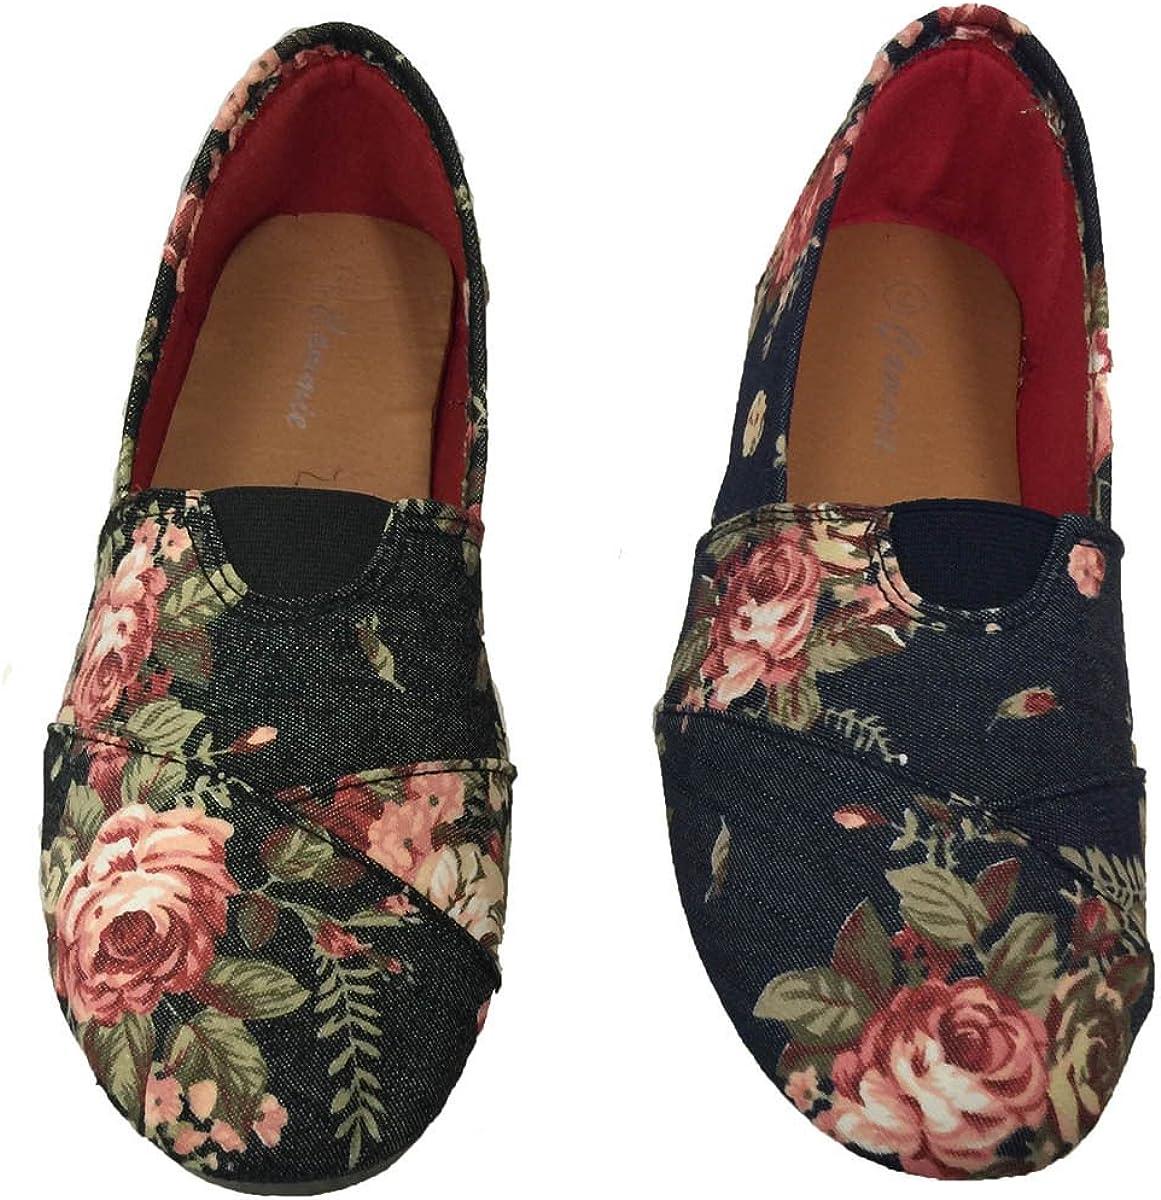 Ladies Floral Flower Print Canvas Espadrilles Flat Shoe